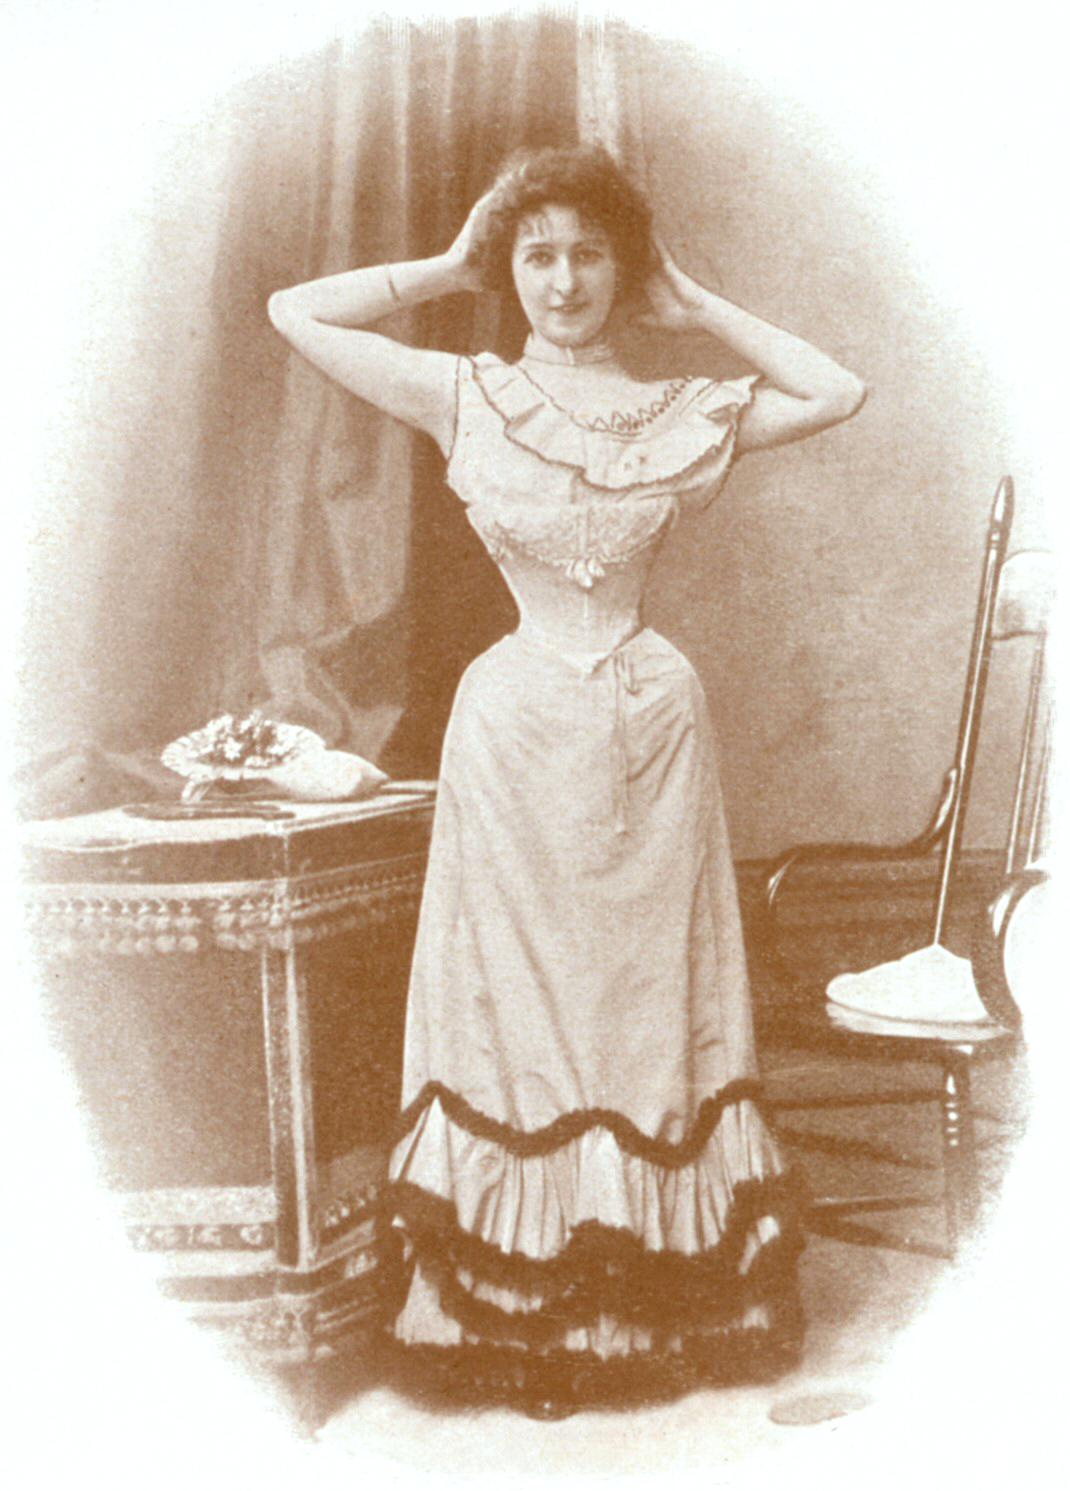 Paryżanka Źródło: Dupont, Paryżanka, 1898, domena publiczna.